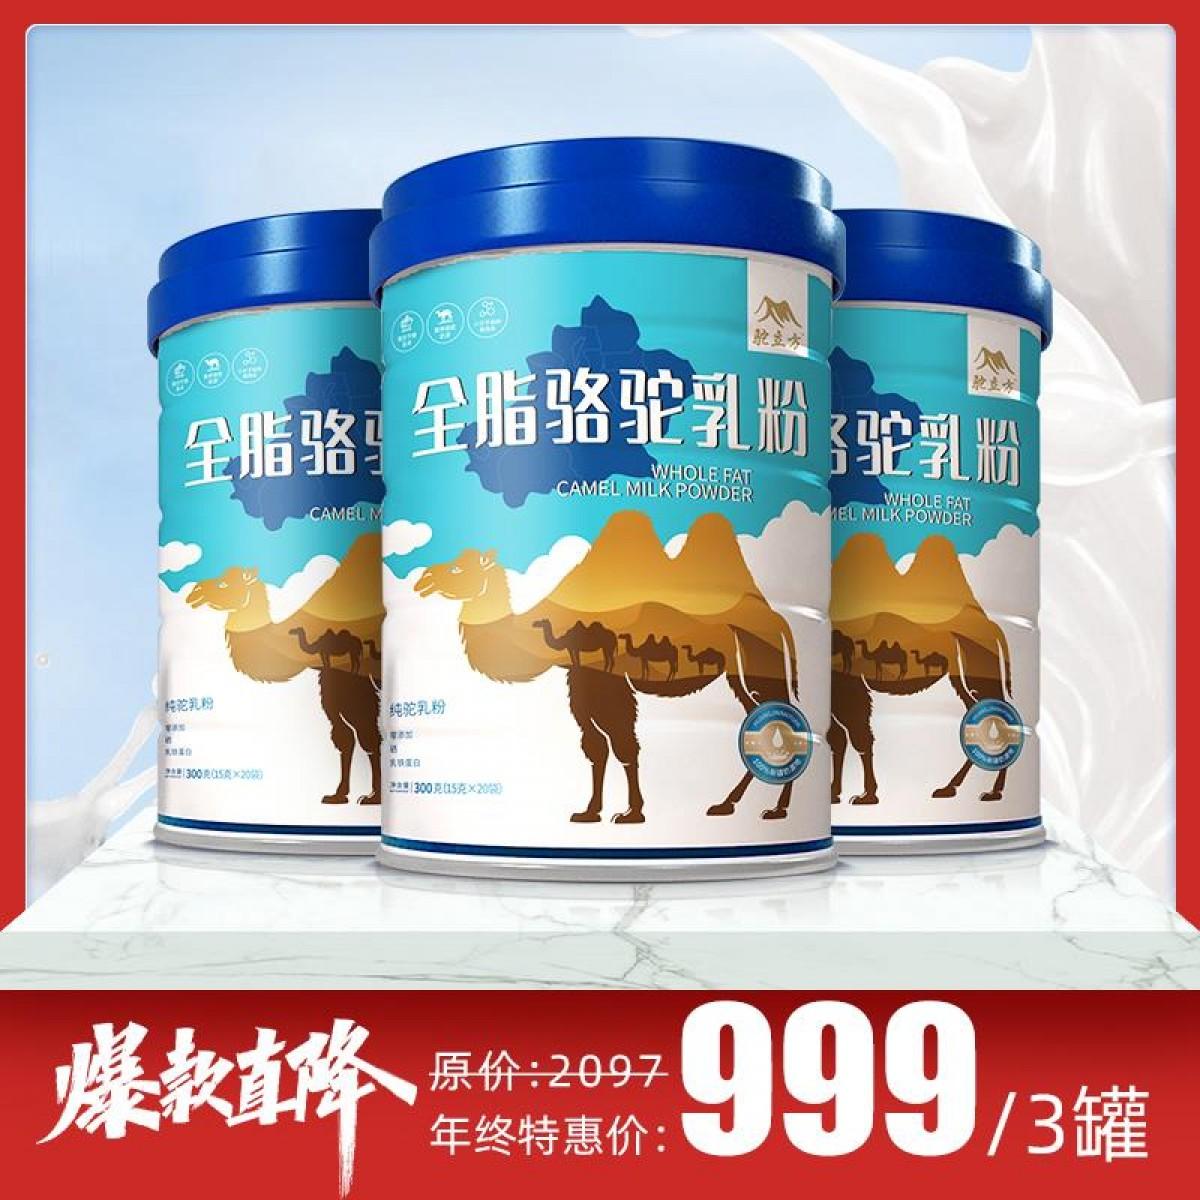 驼立方骆驼奶粉新疆正宗官方旗舰店中老年儿童成人纯驼乳粉300克